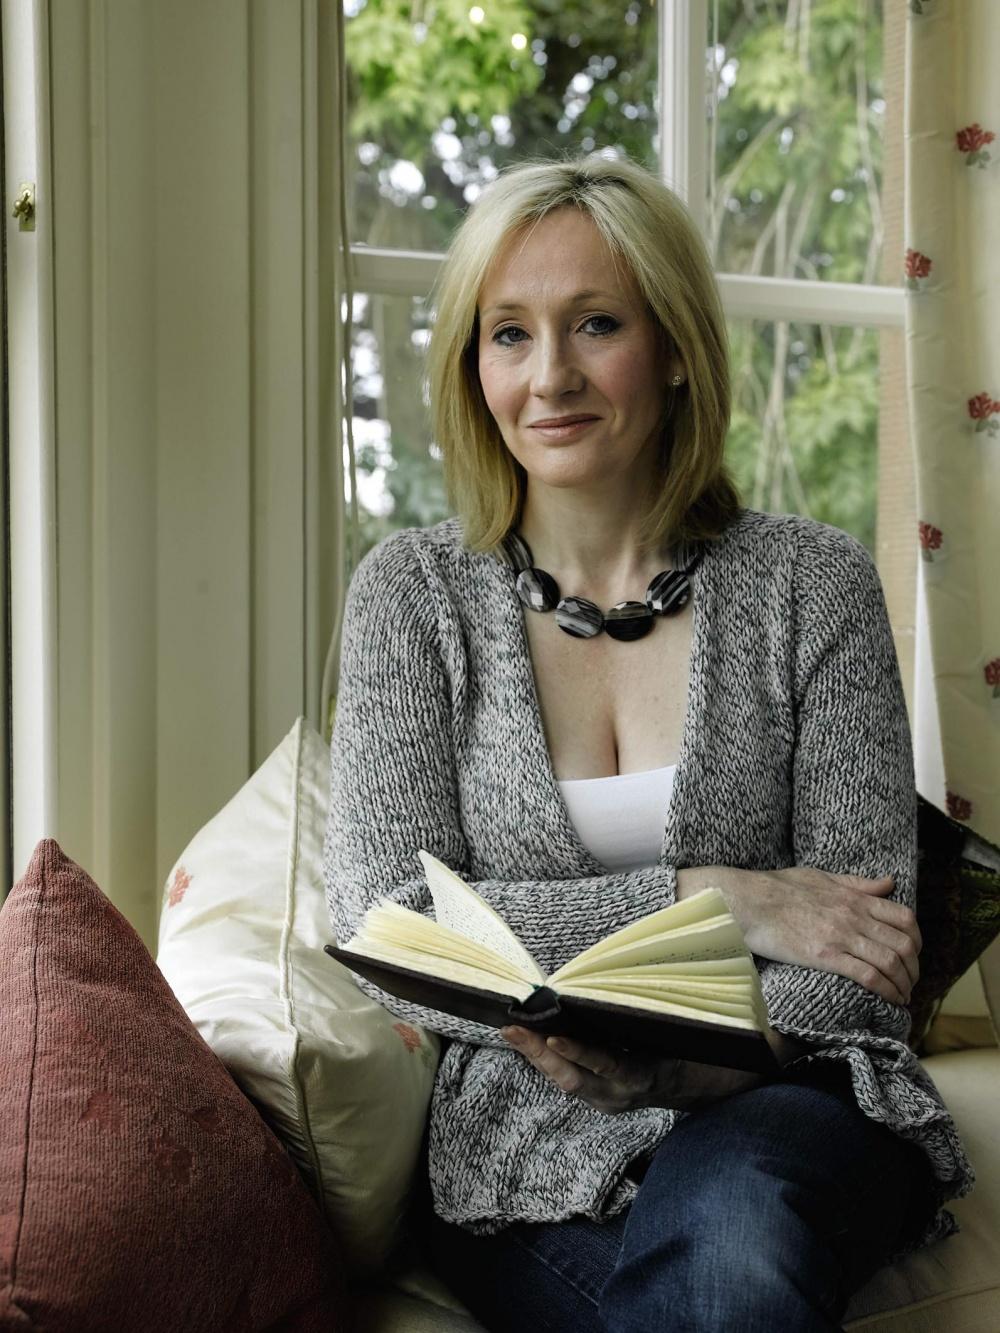 Joanne Rowling